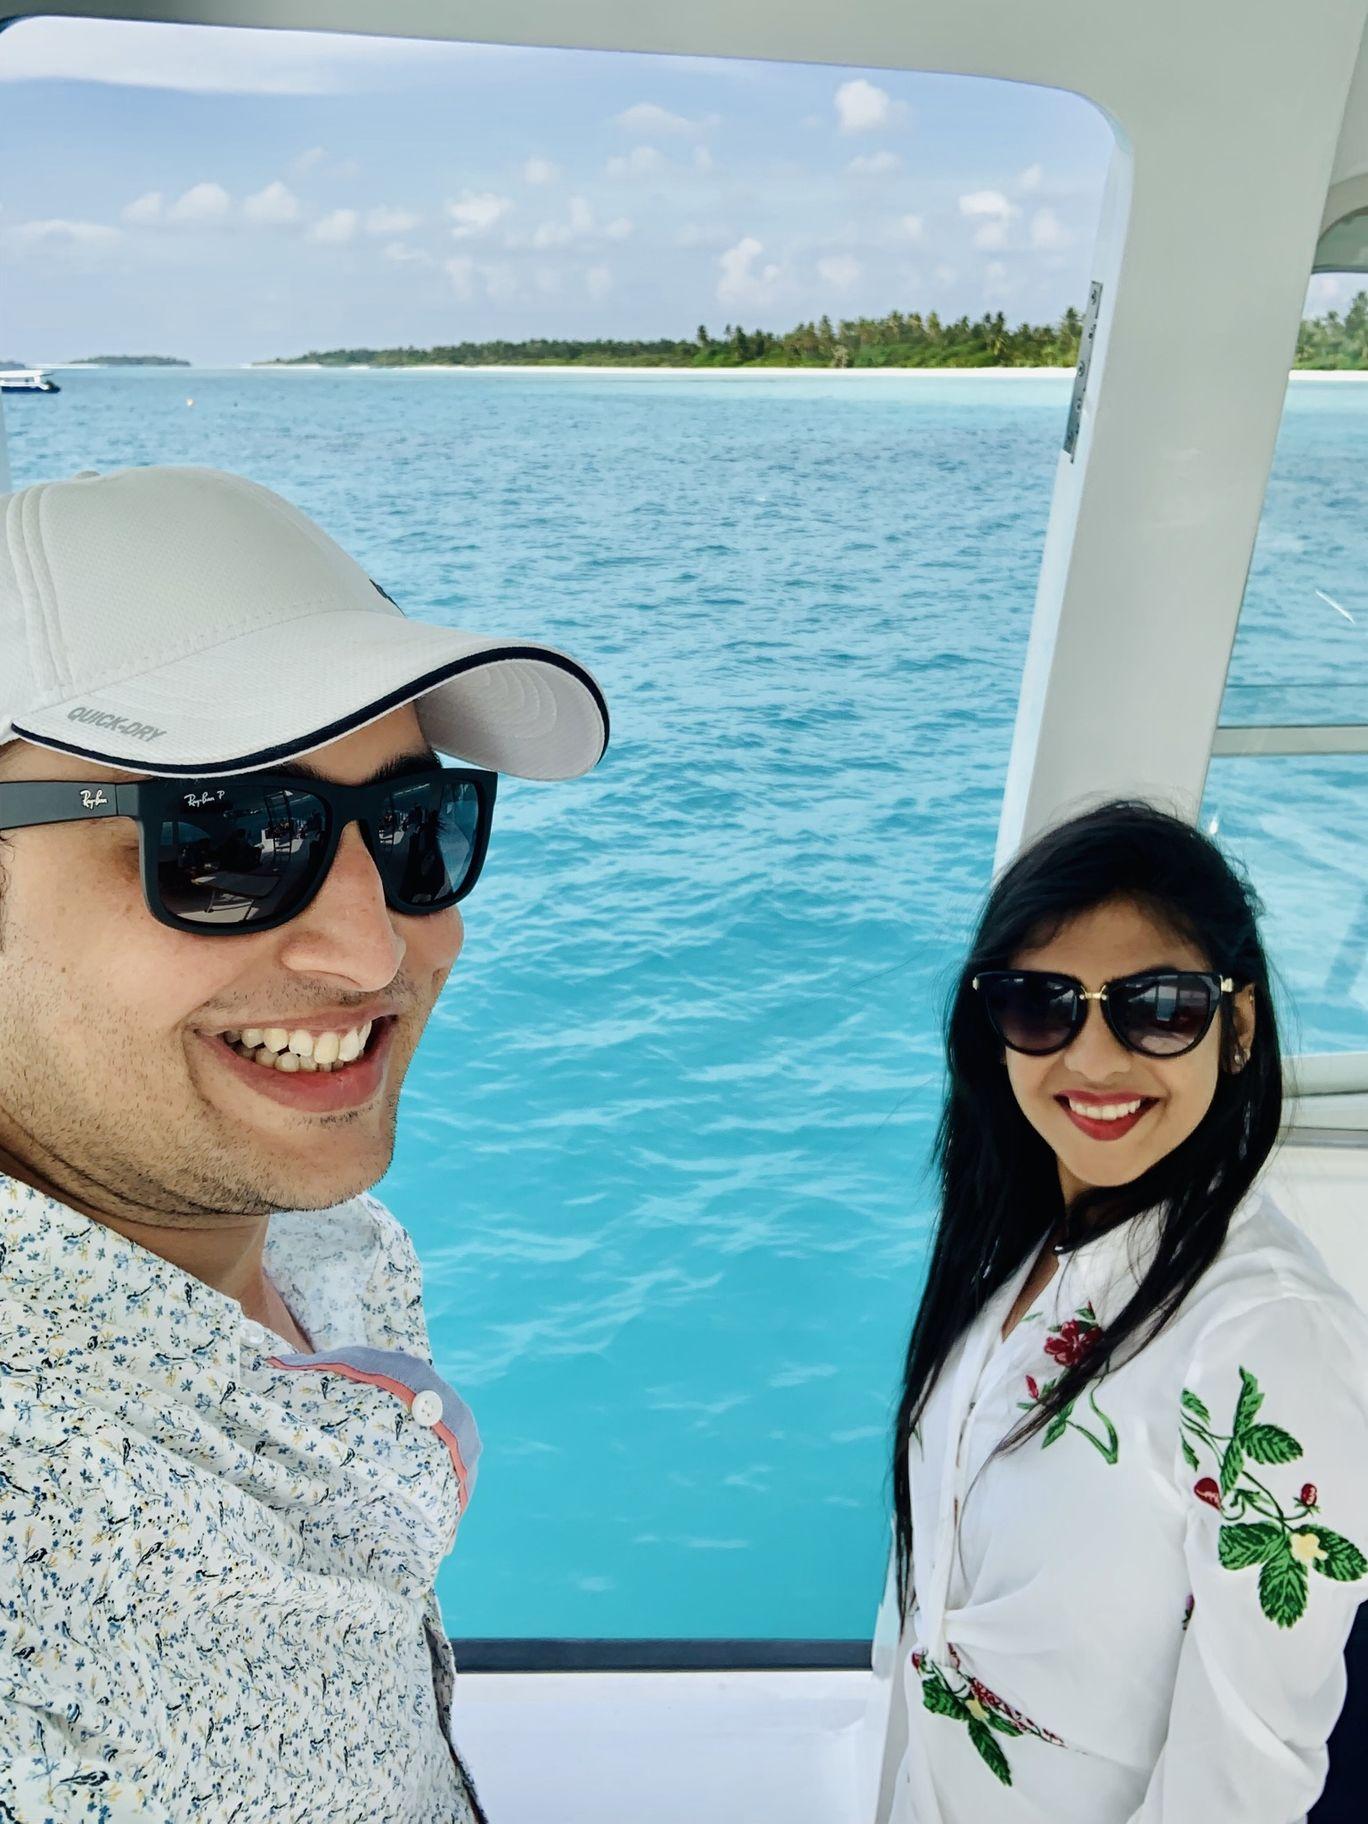 Photo of Maldive Islands By Ankita Maheswari